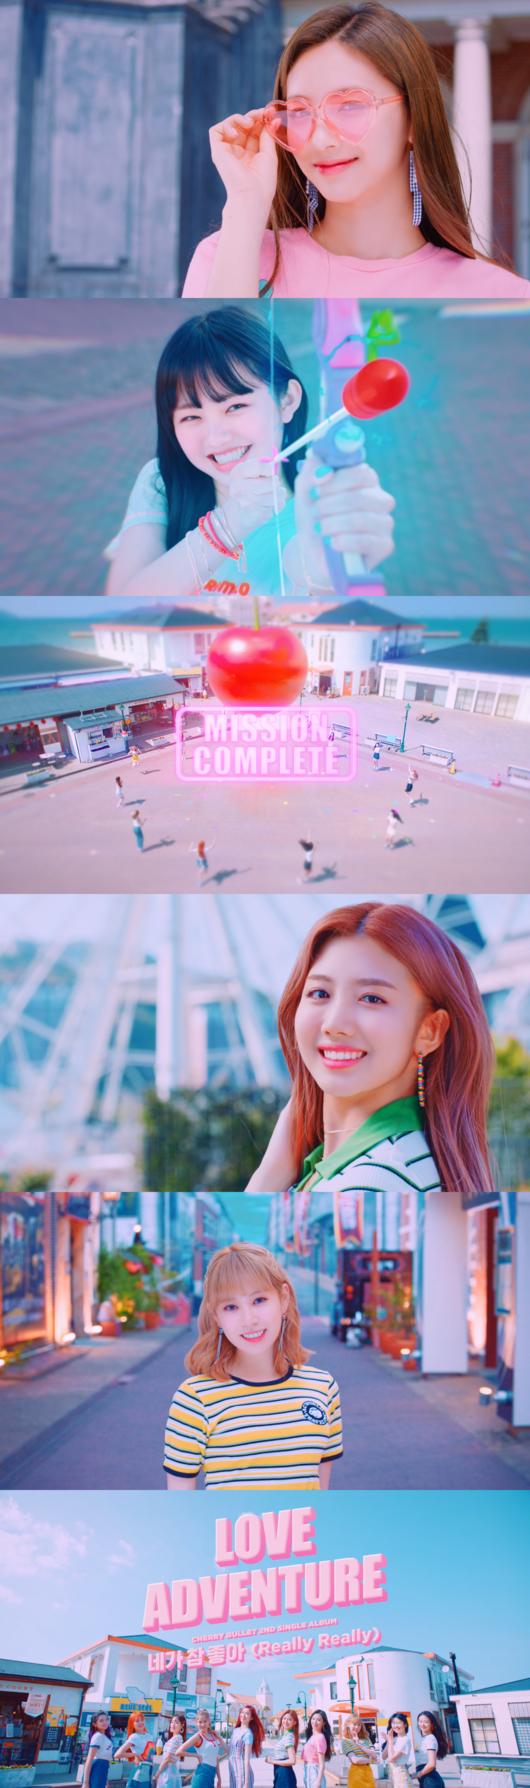 [사진] '네가 참 좋아' 뮤직비디오 캡처